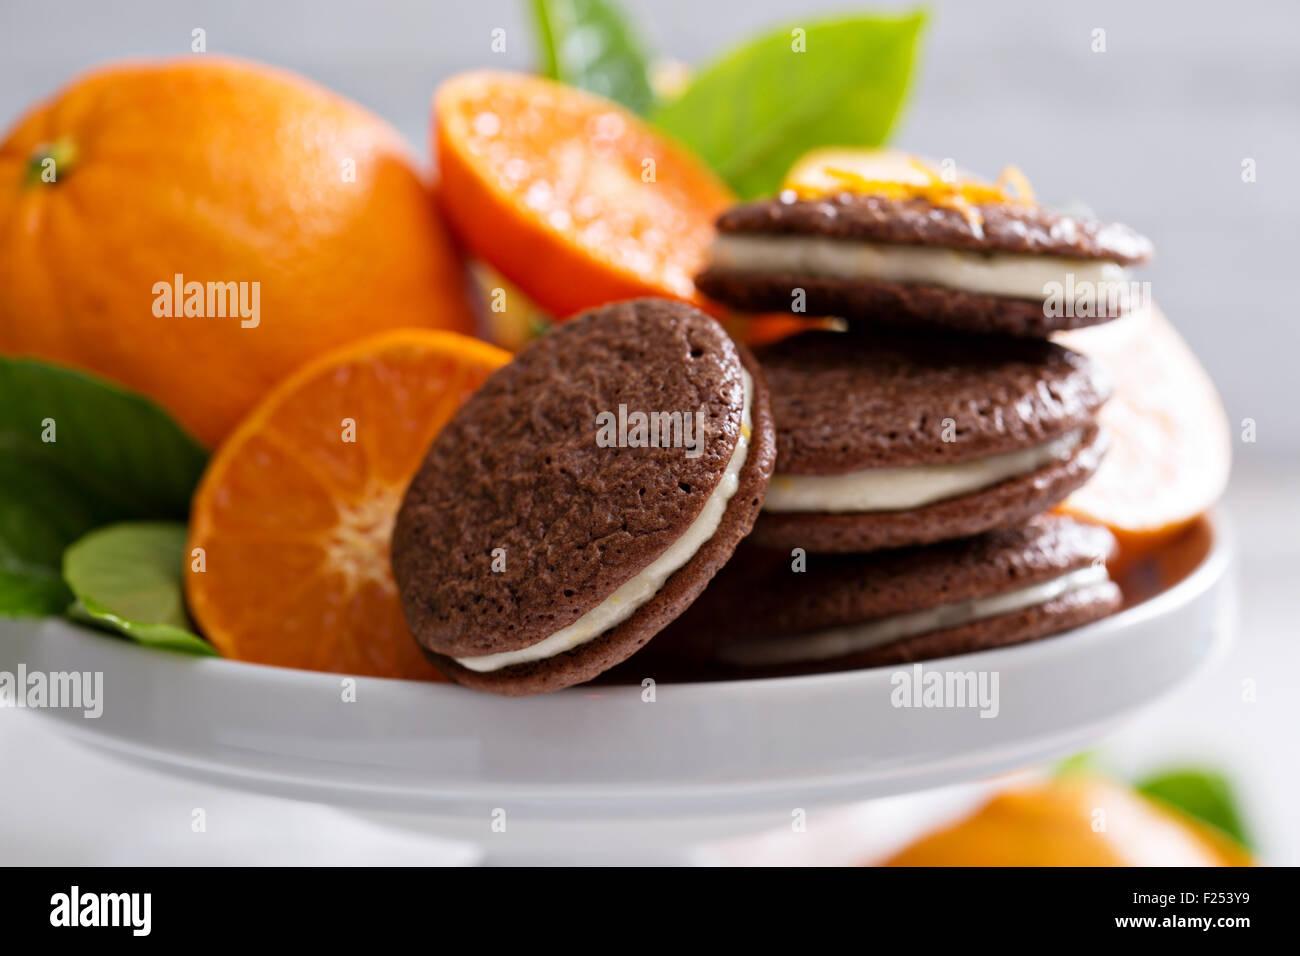 Schokoladenbrownie orange dünne Plätzchen mit Cremefüllung Stockbild